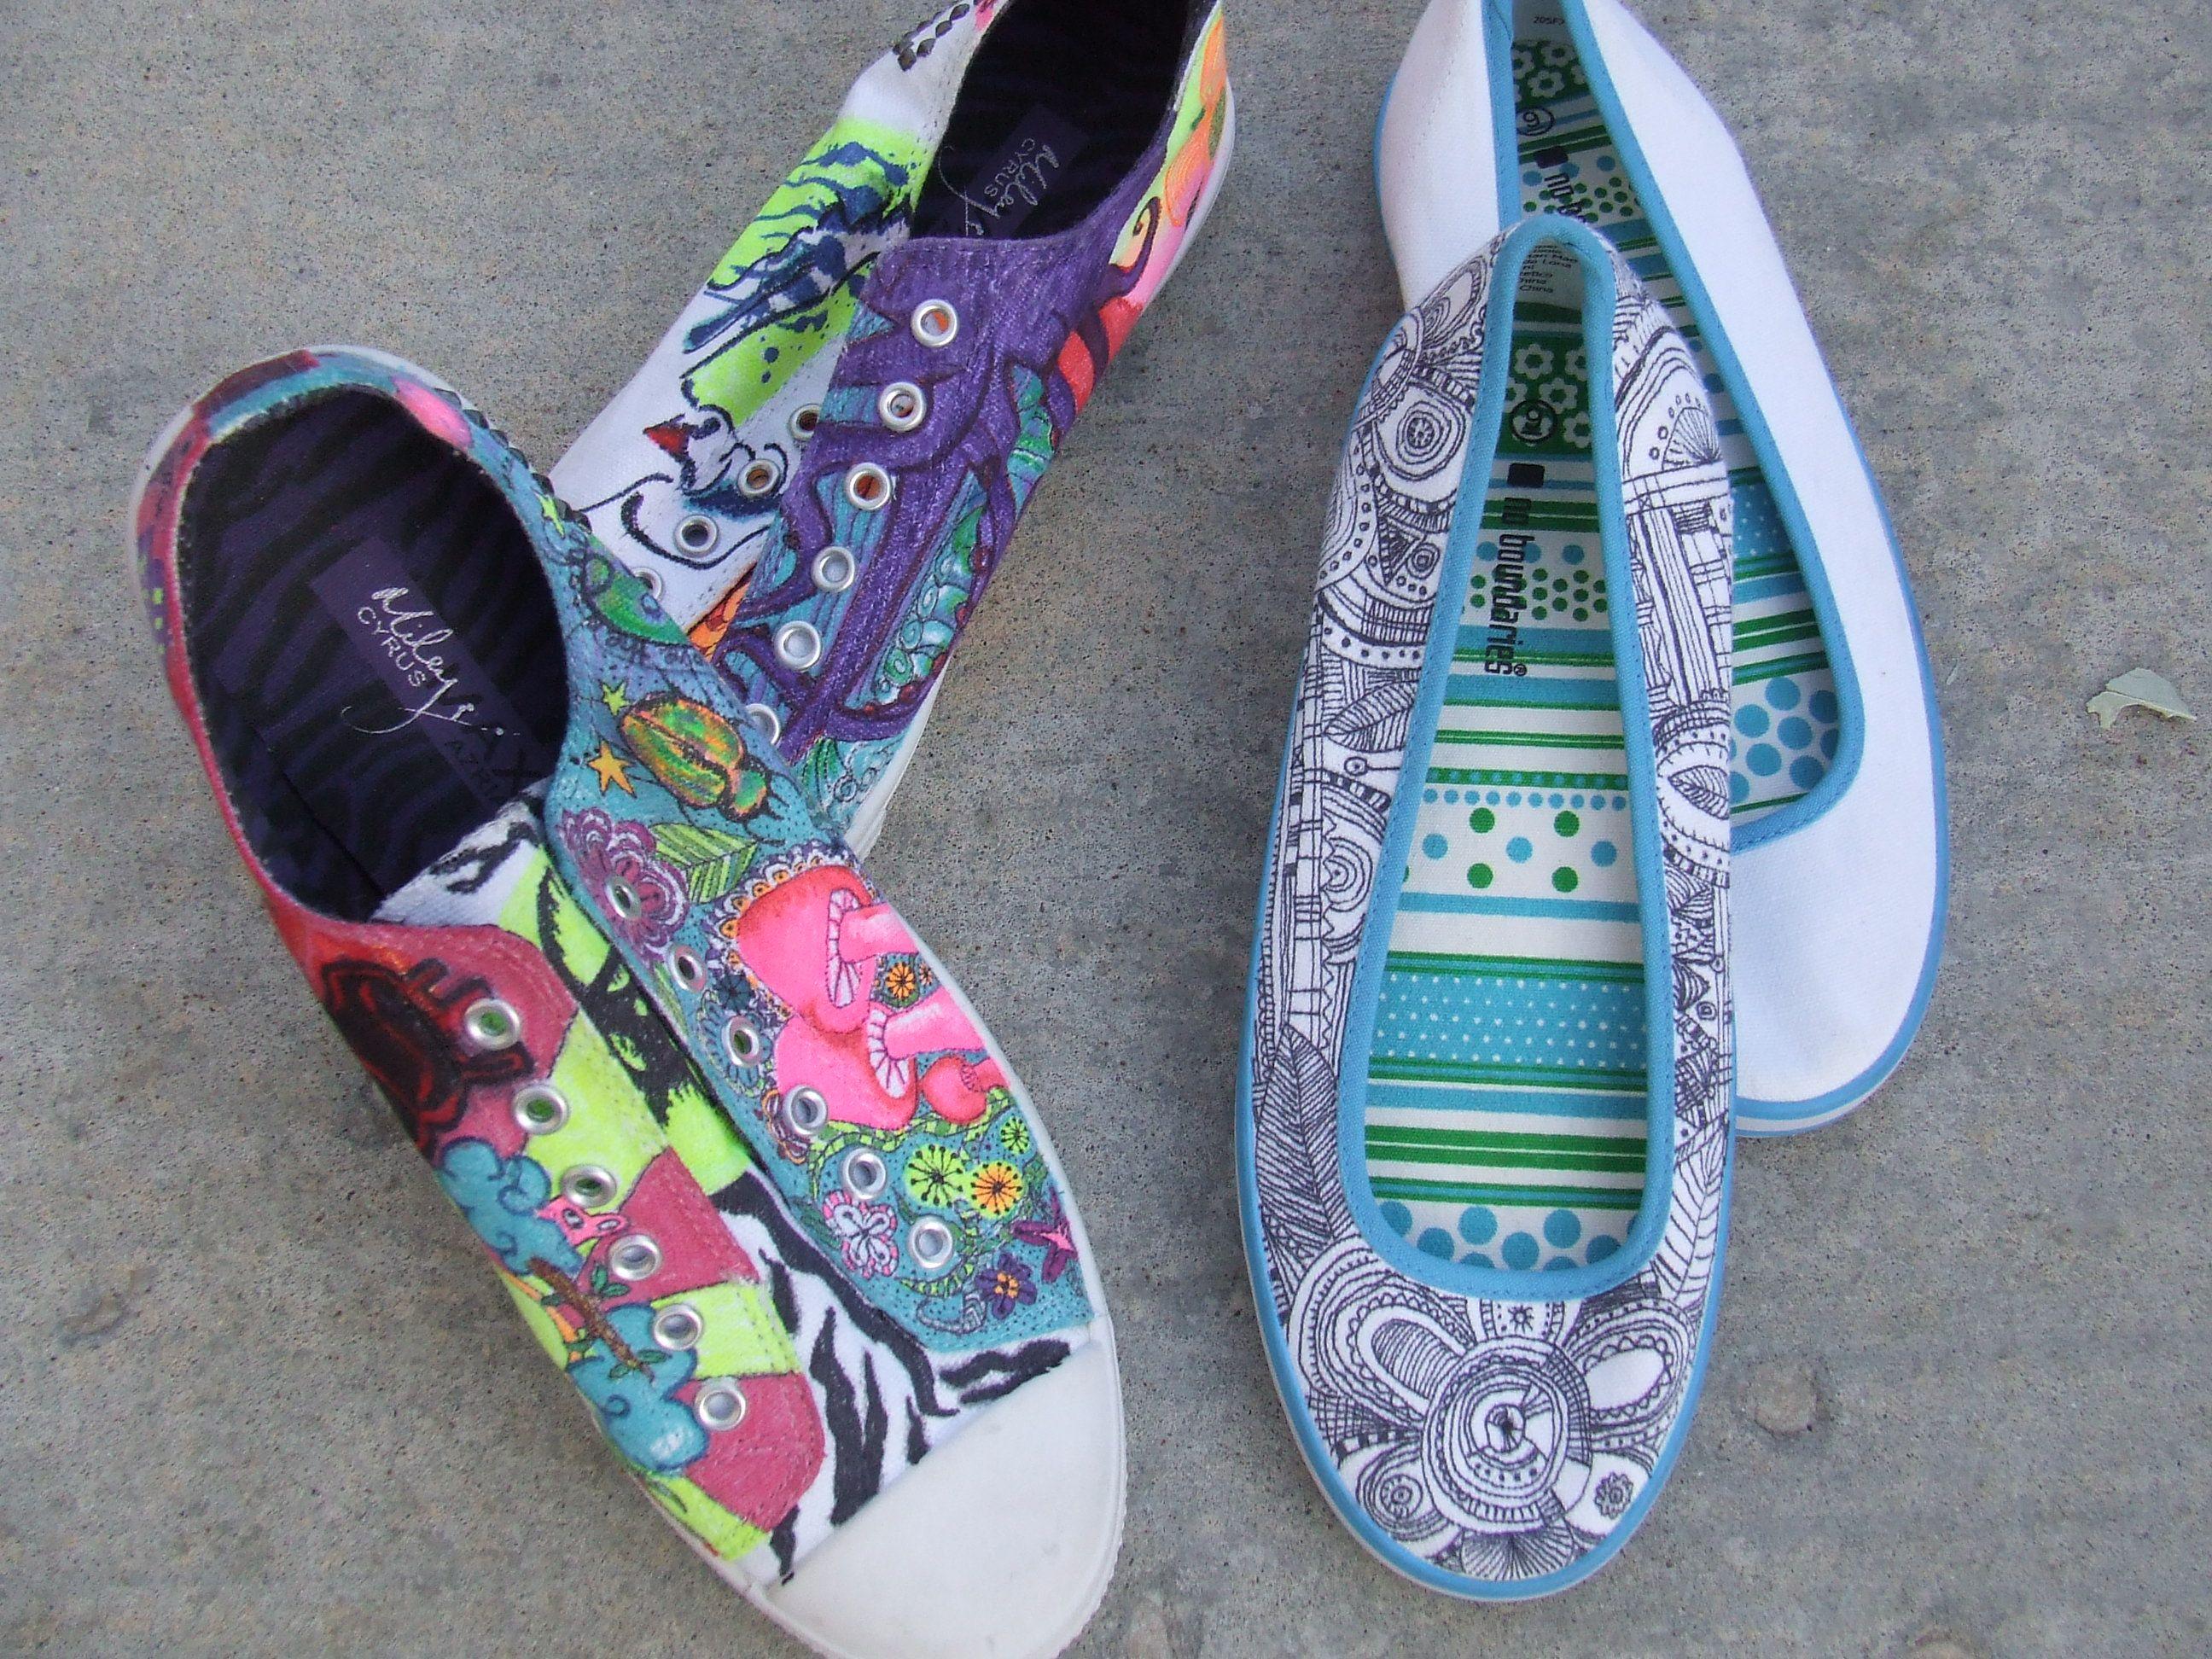 9f93af61fdb1 Doodle Sharpie Shoes · Doodle Sharpie Shoes · Sharpie Decorated Converse